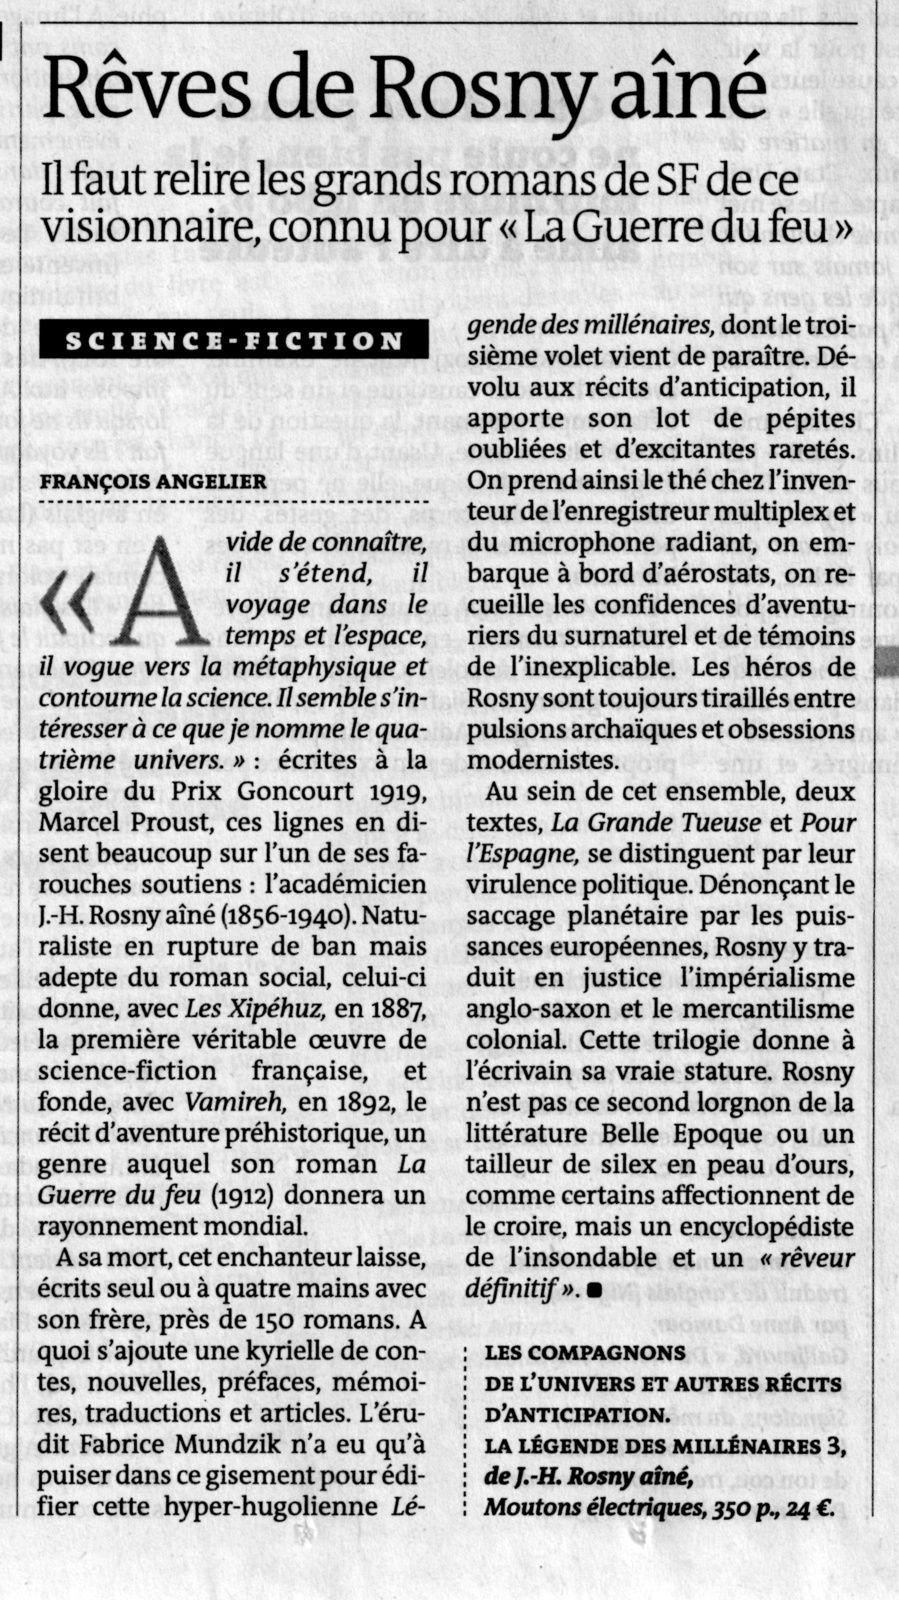 """François Angelier """"Rêves de Rosny aîné"""" in Le Monde (2015)"""